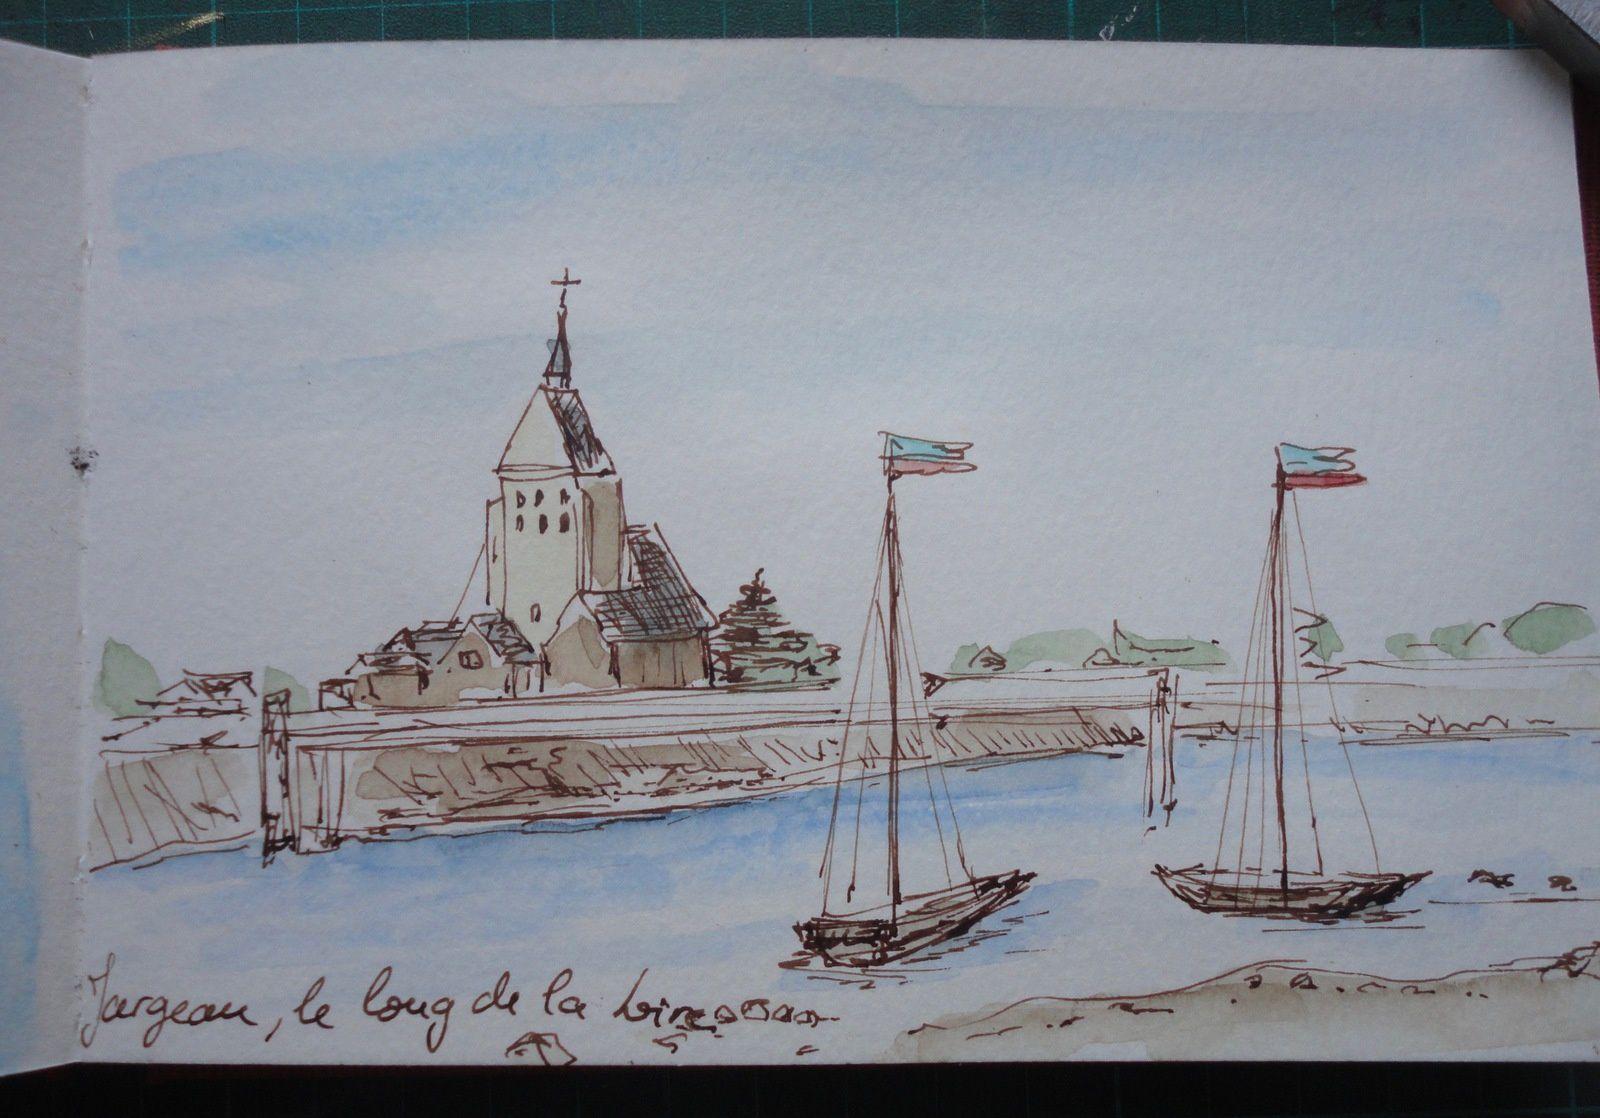 Carnet de voyage : Week end en Touraine